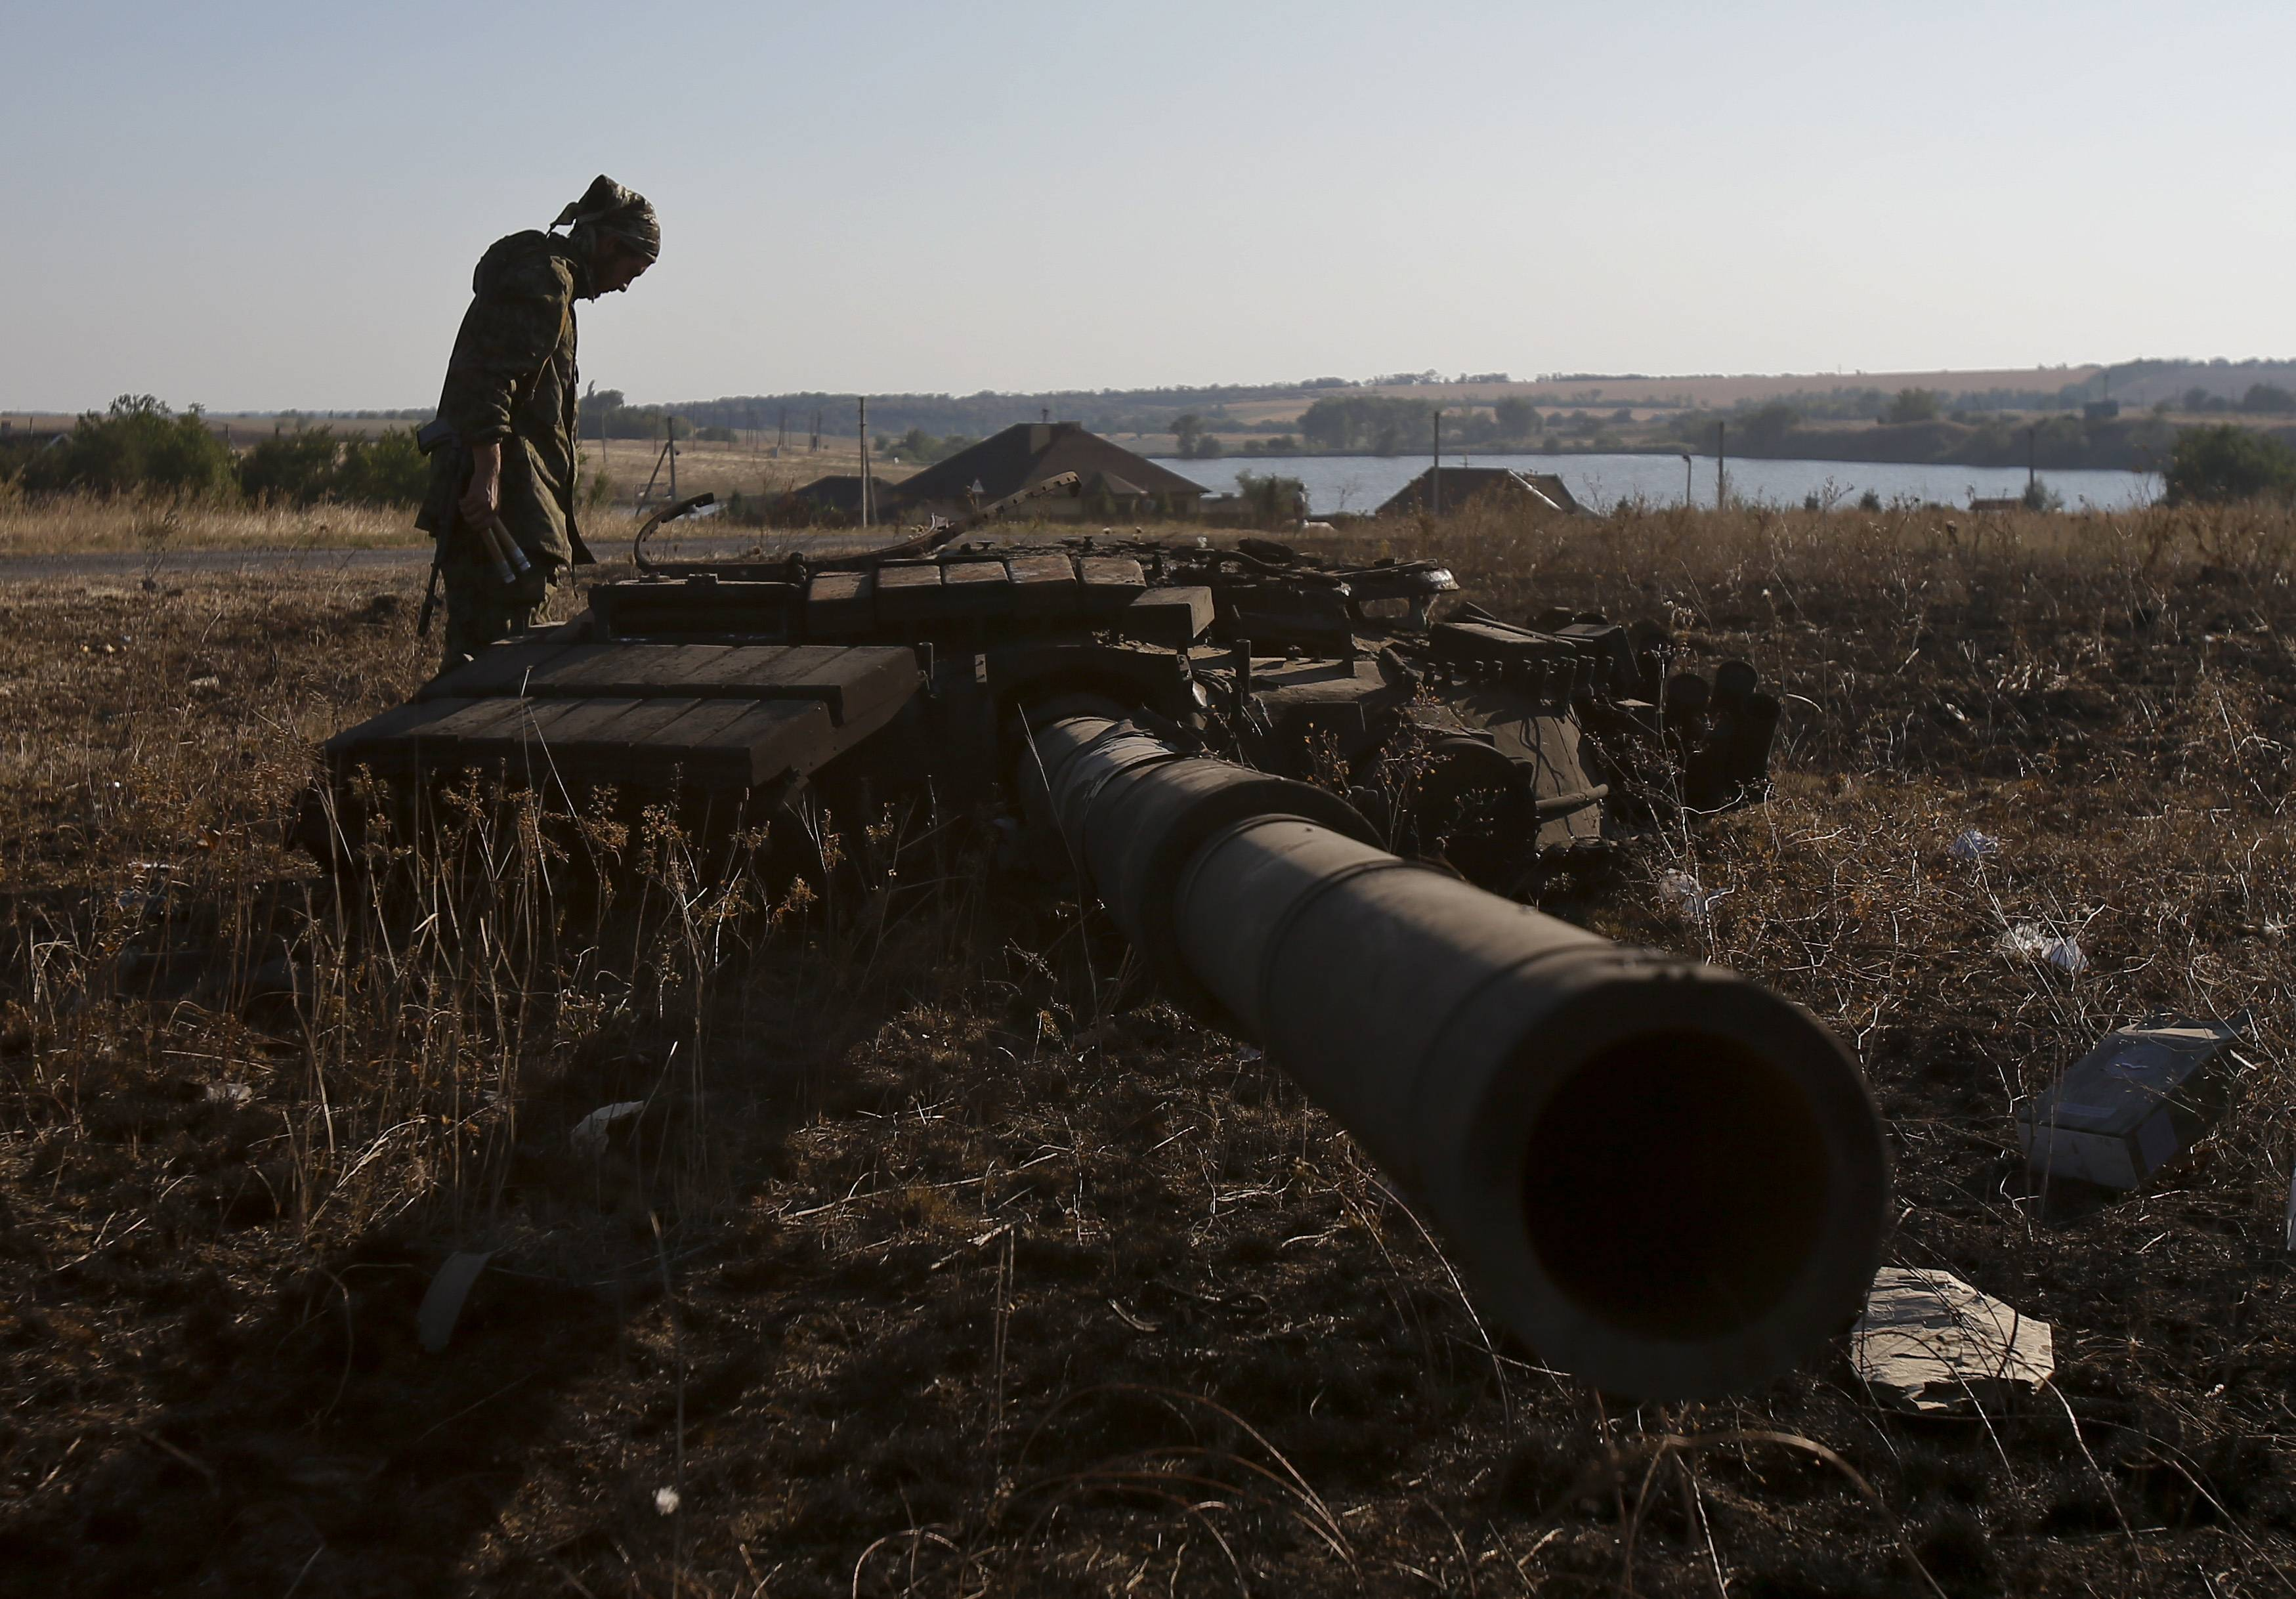 Башня танка, уничтоженного под Иловайском